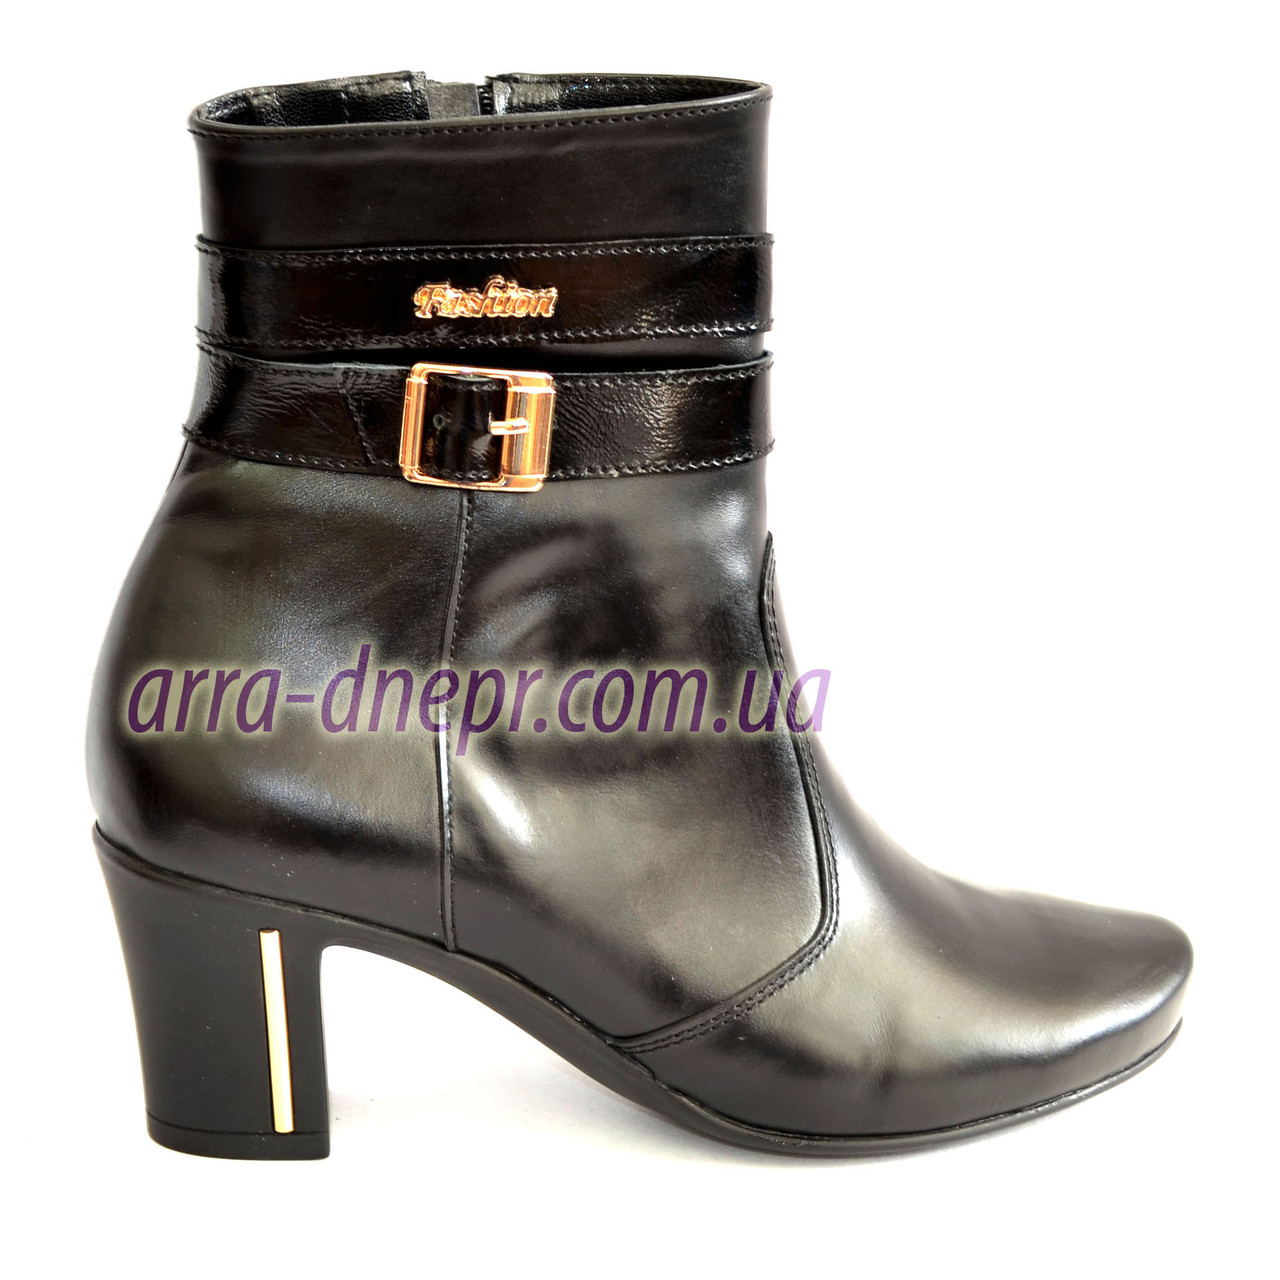 Кожаные женские ботинки демисезонные на устойчивом каблуке.